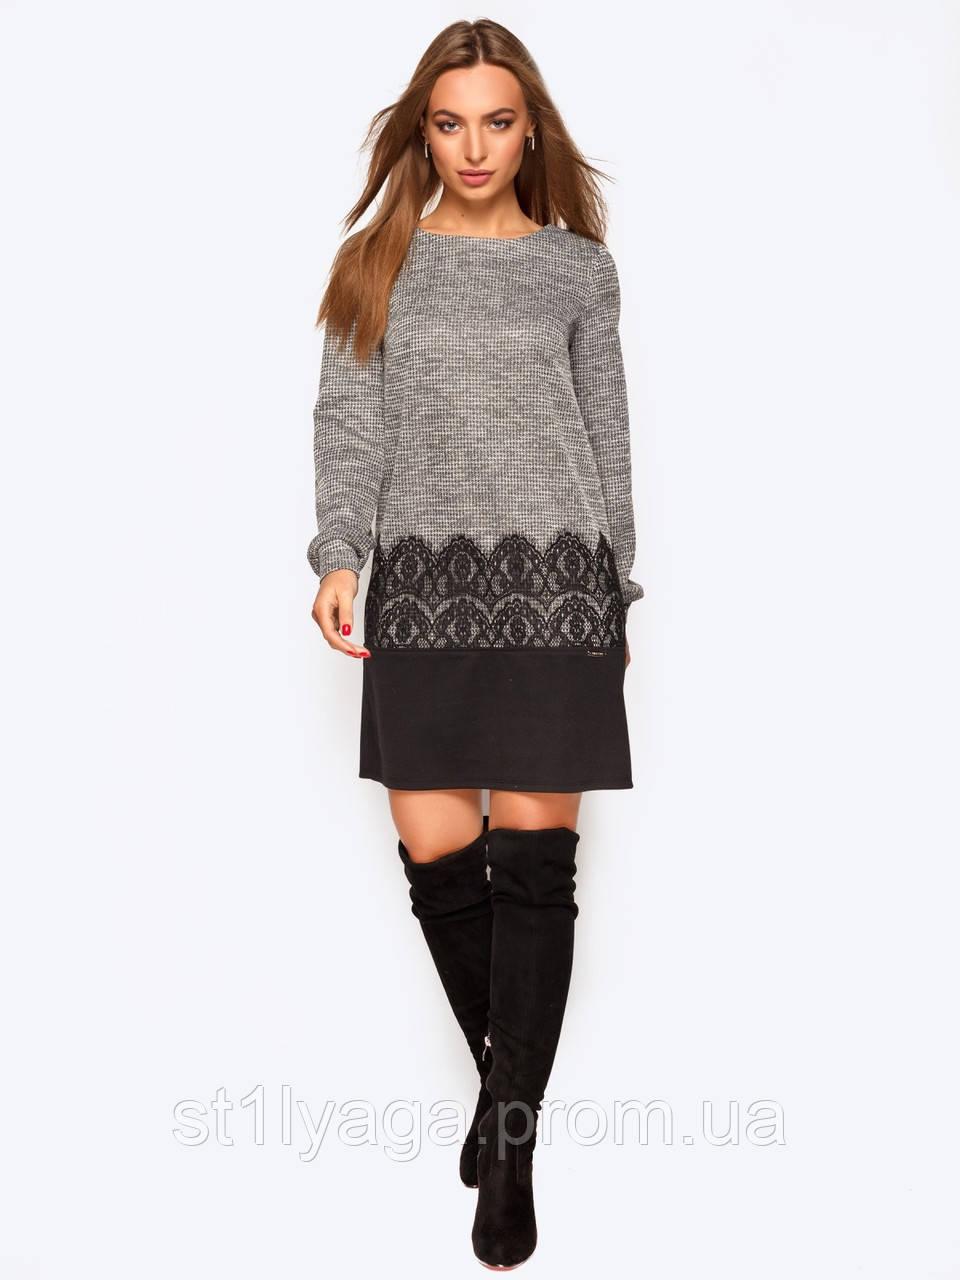 Трикотажное платье мини прямого кроя с кружевом